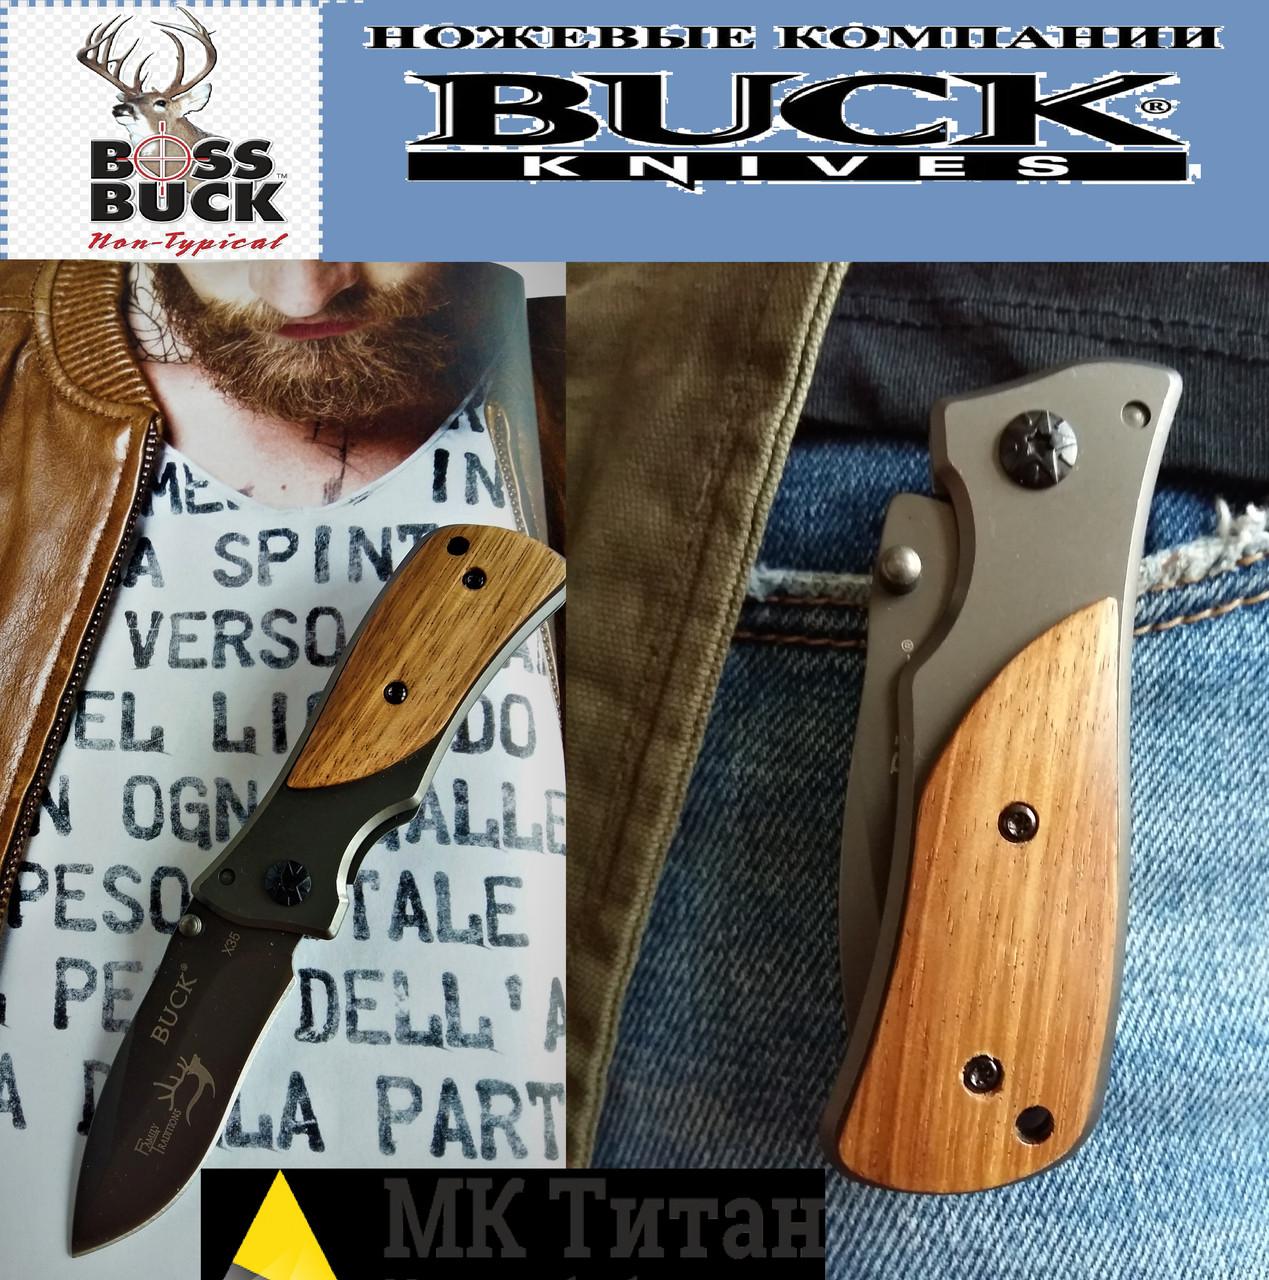 Складной нож Buck с титановым покрытием. Ножи карманные, перочинные, для туризма, охоты, рыбалки.